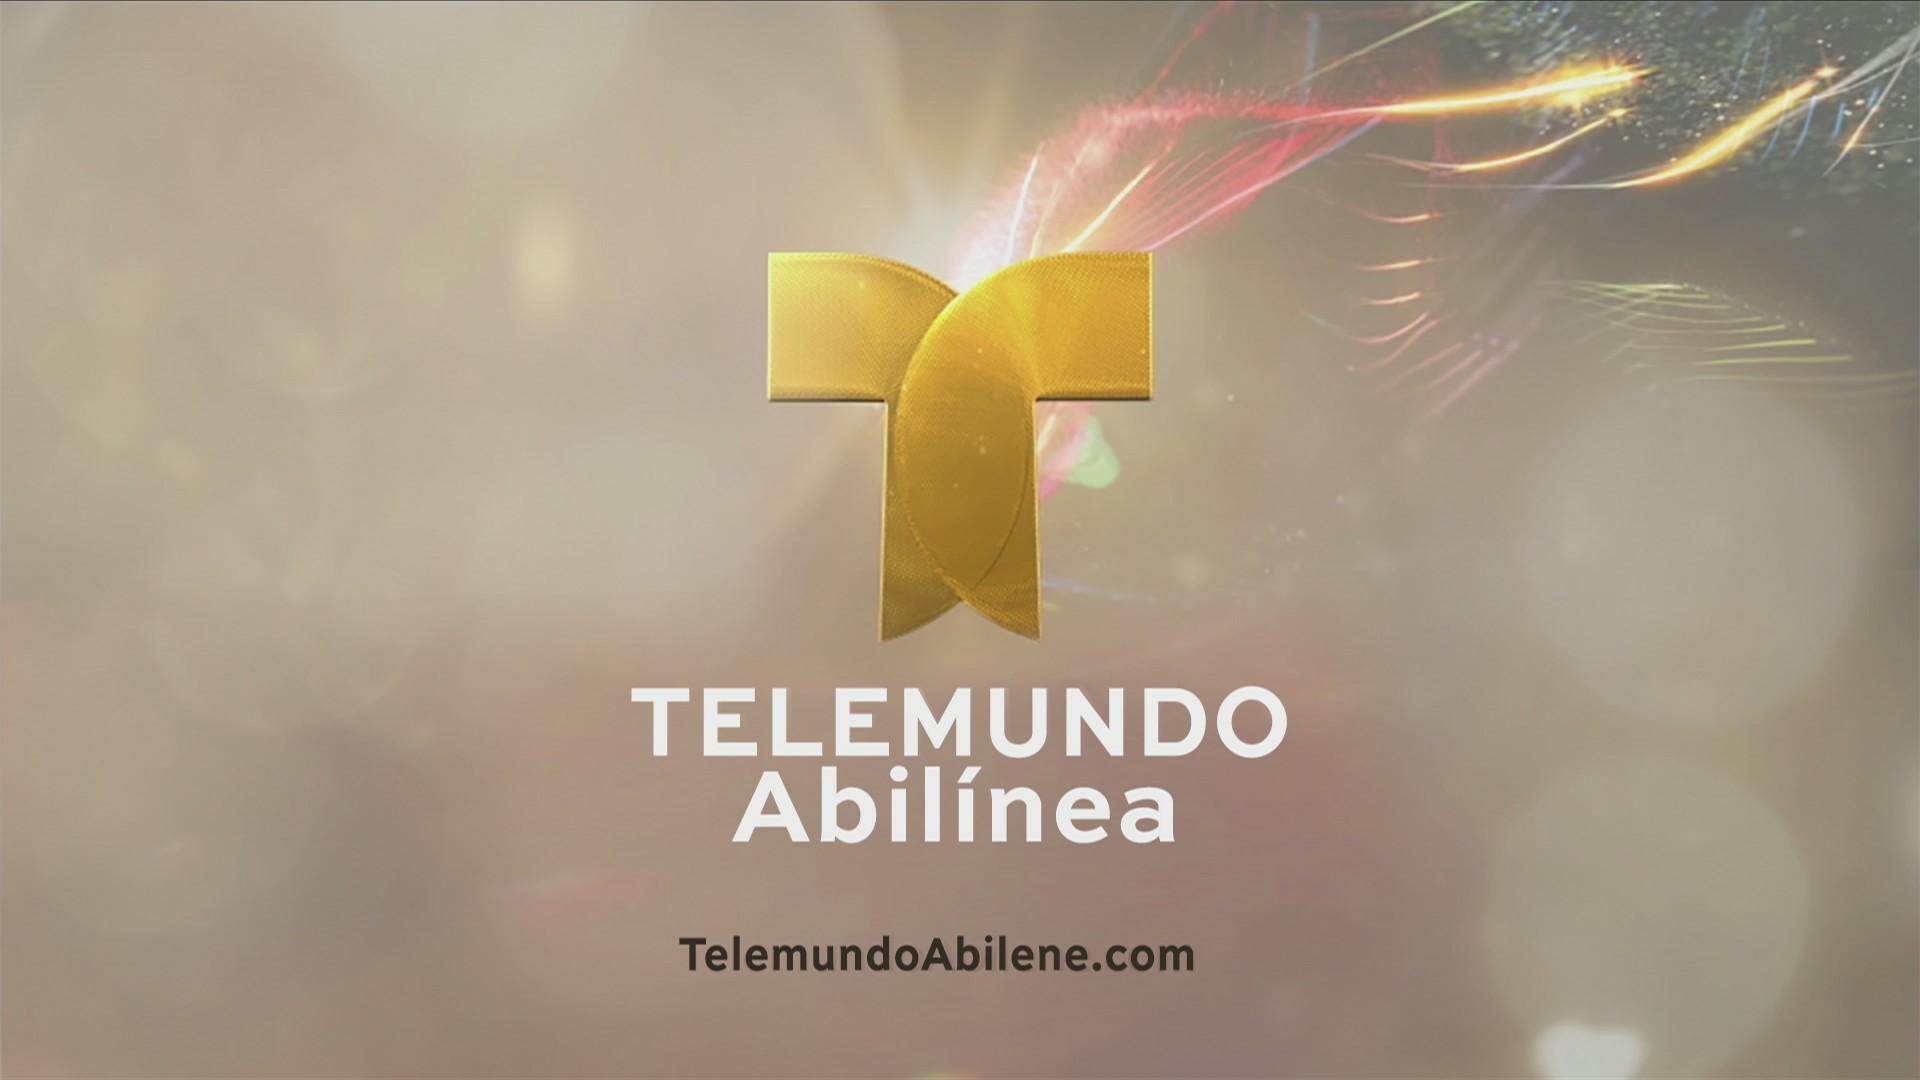 Telemundo Abilínea - 12 de abril, 2019